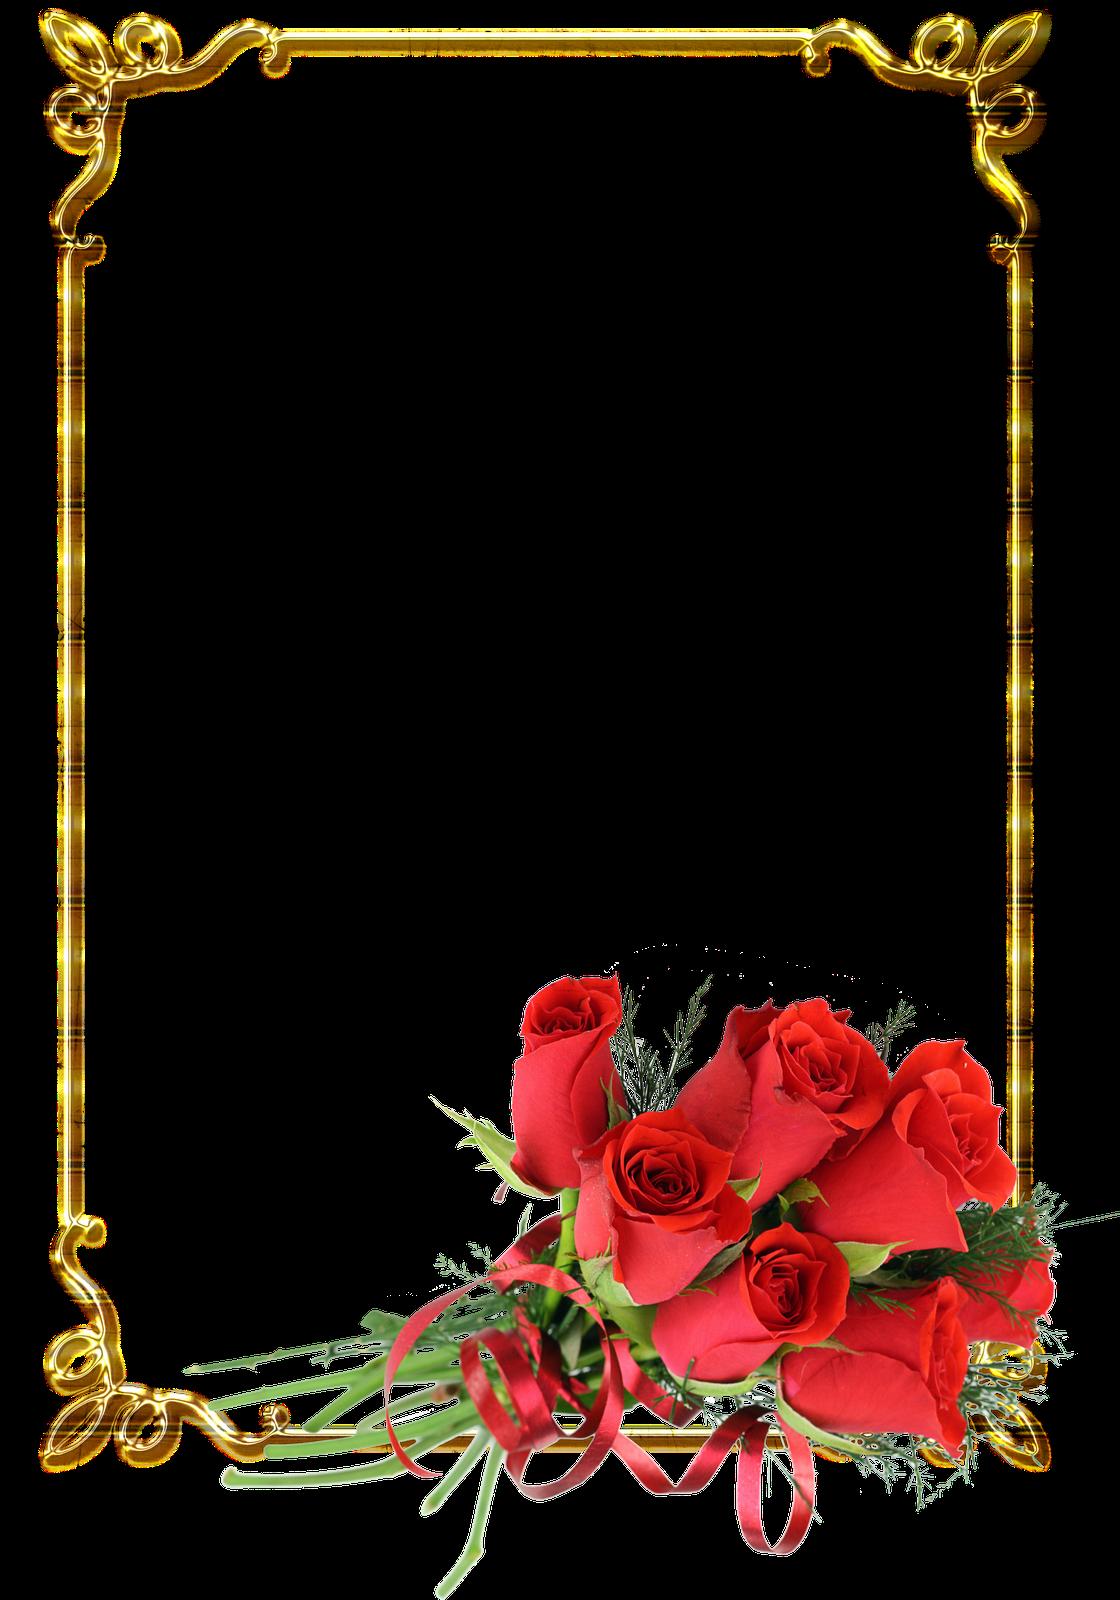 Фон рамка для поздравительных открыток, днем